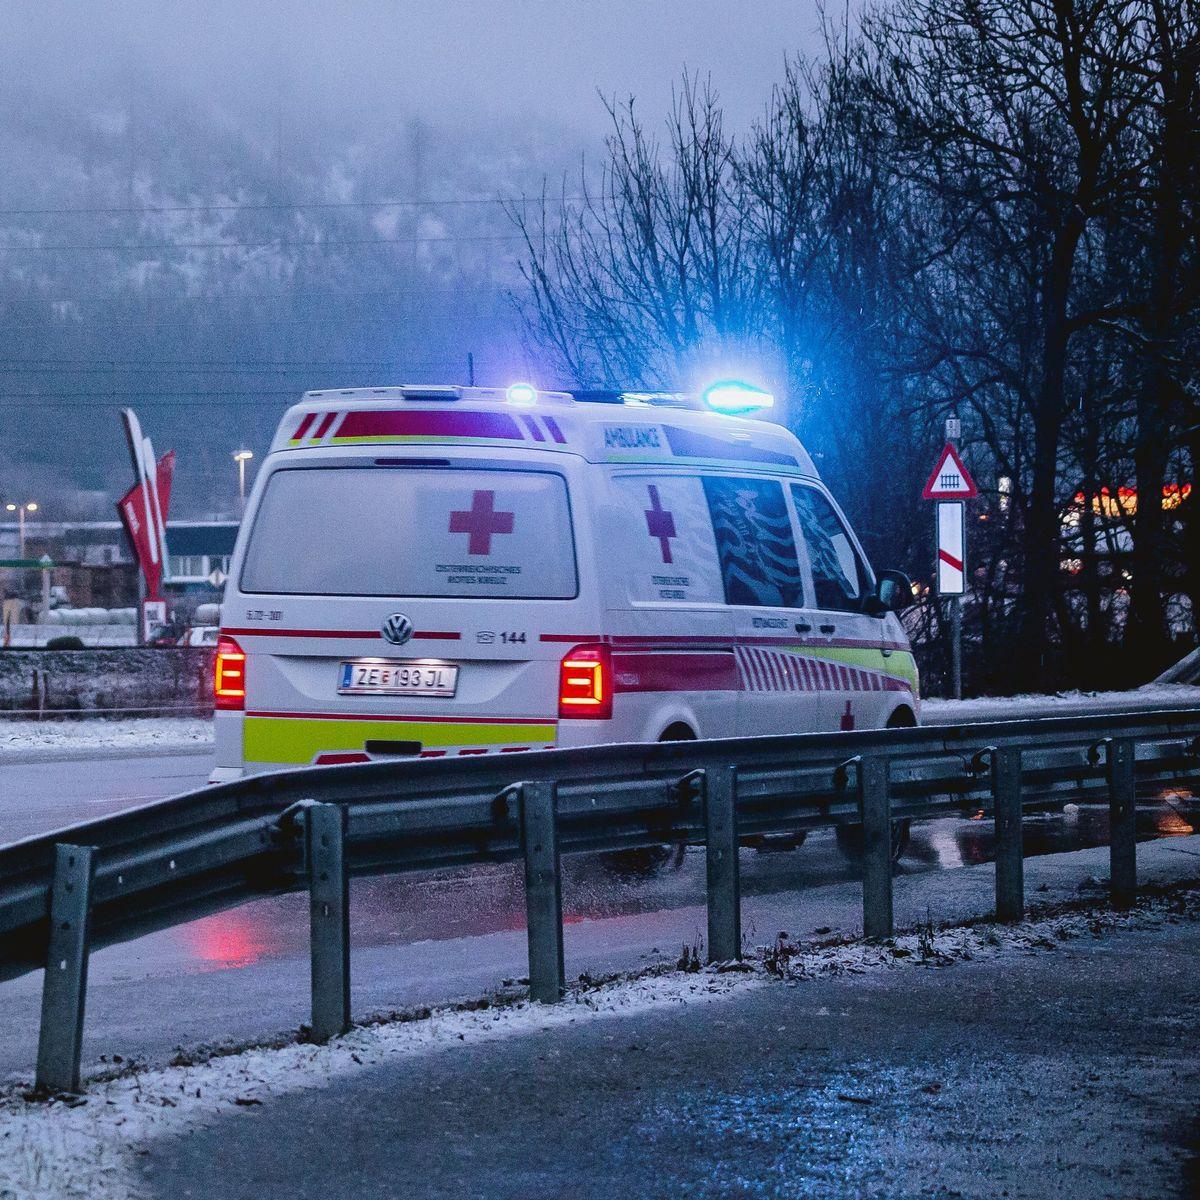 Österreich: Elfjährige stirbt offenbar an Stromschlag in der Badewanne